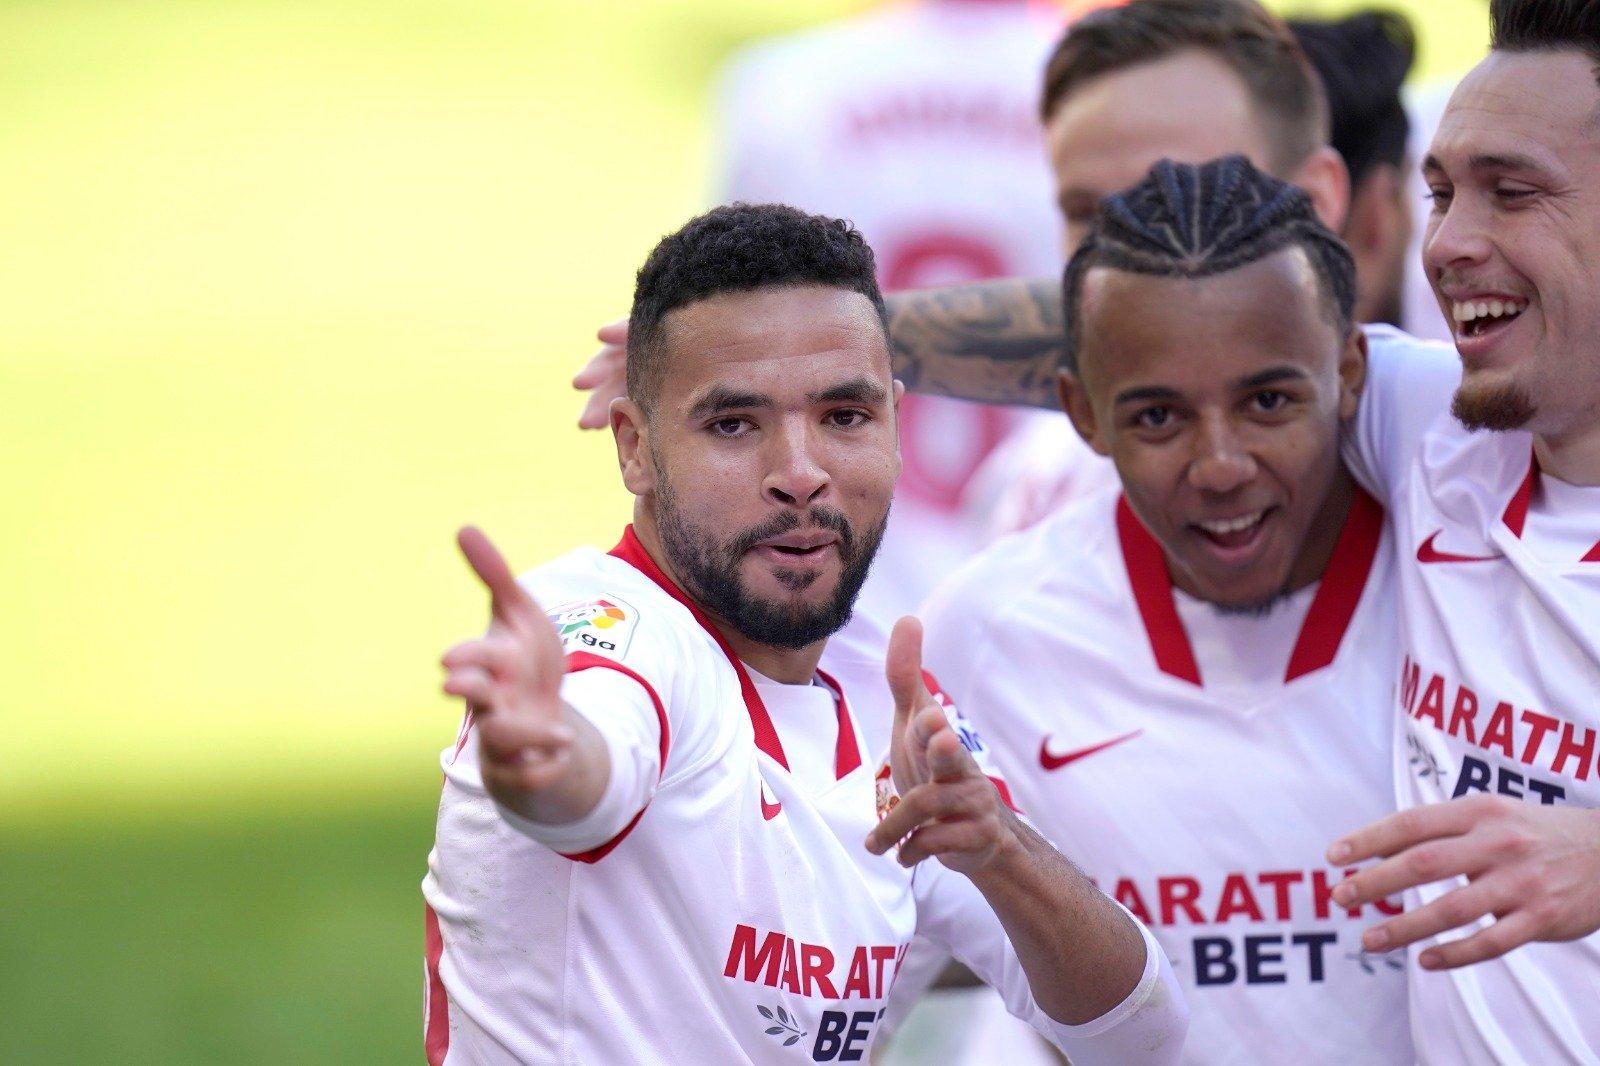 L'attaquant marocain du FC Séville, Youssef En-Nesyri (premier plan), peut jubiler. Il a réalisé une saison XXL.